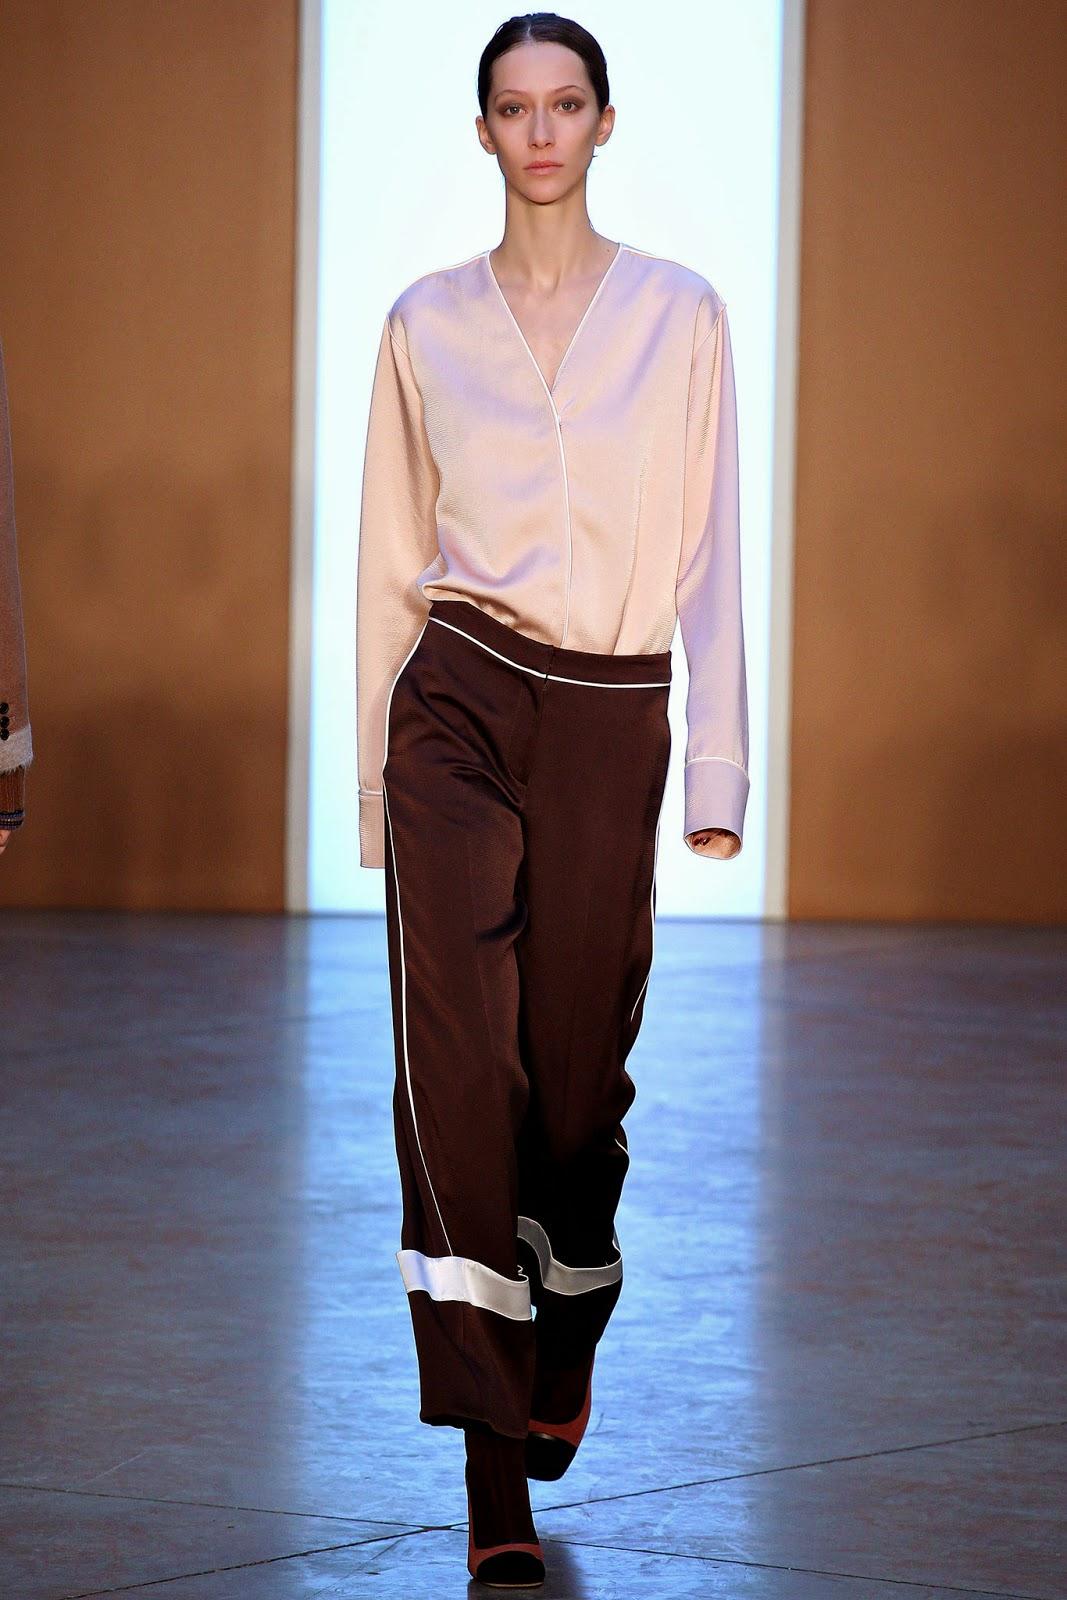 Serendipitylands Derek Lam Fashions Show New York Fall 2015